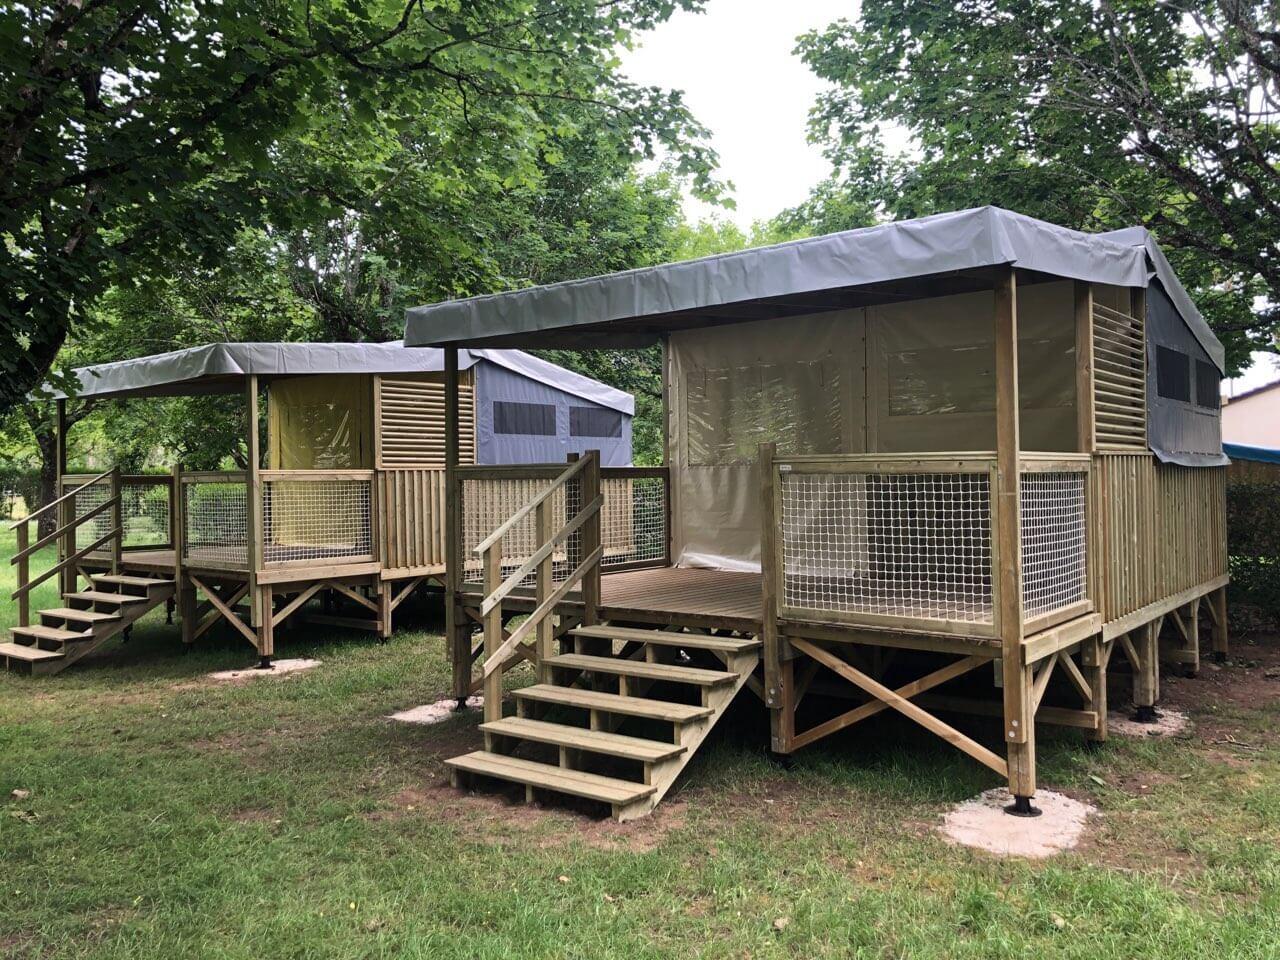 Hébergement en bois, Carrelys réalisé par Les Terrasses du Lys